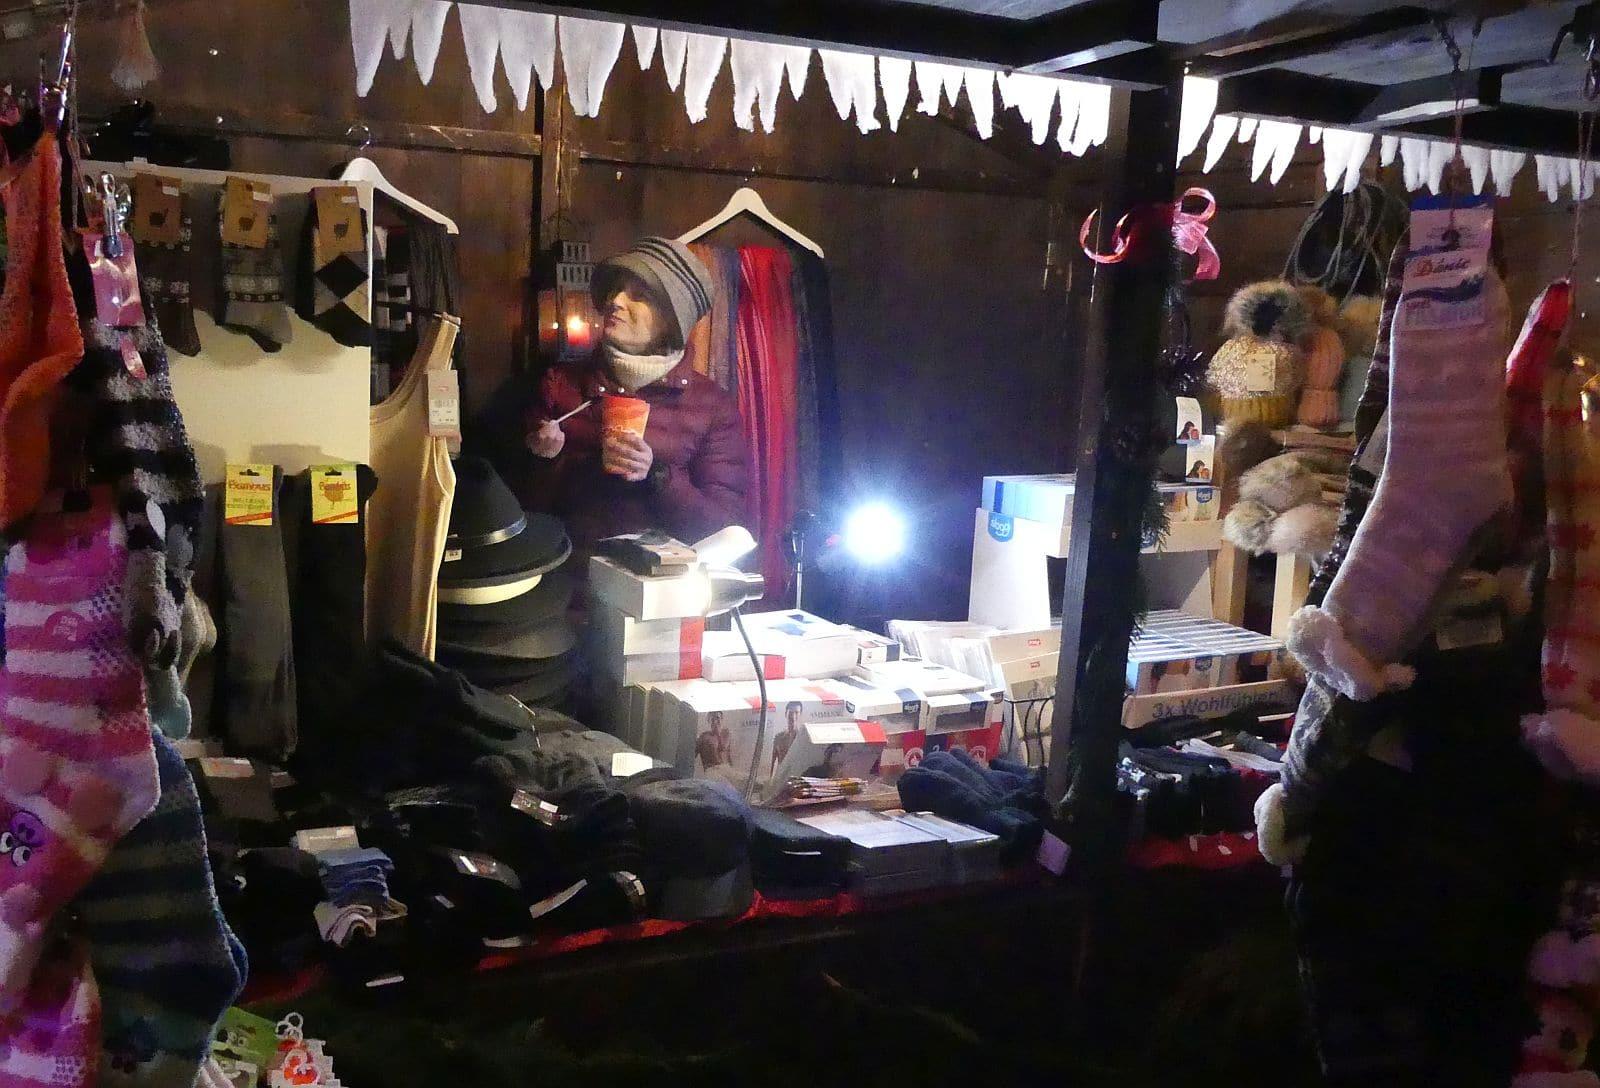 Hoffnung auf einen stimmungsvollen Weihnachtsmarkt. Archiv-Foto: him